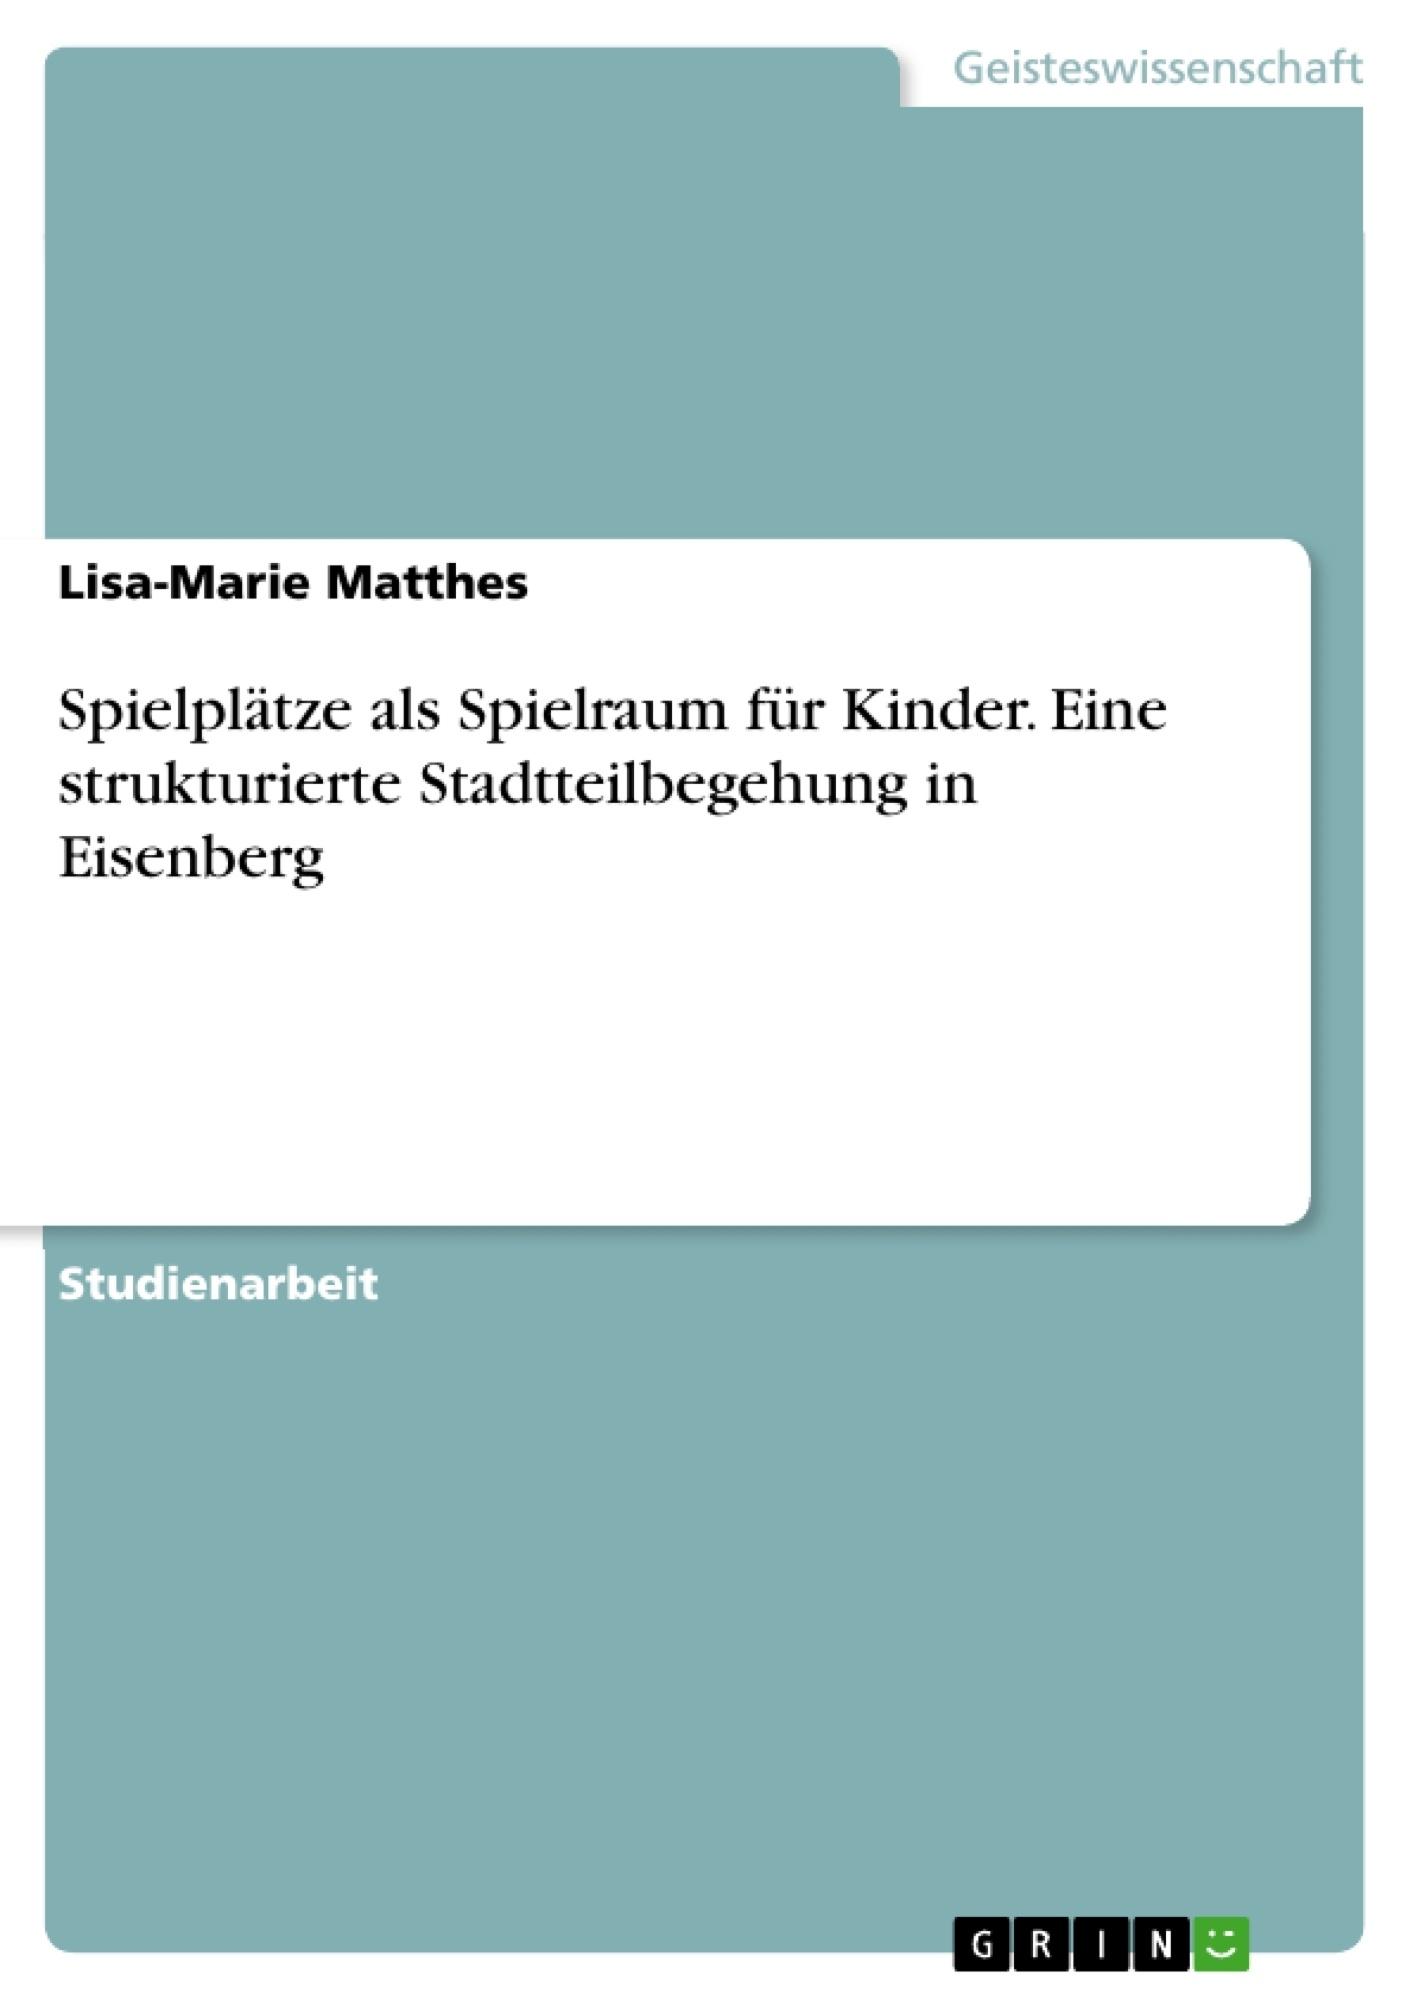 Titel: Spielplätze als Spielraum für Kinder. Eine strukturierte Stadtteilbegehung in Eisenberg